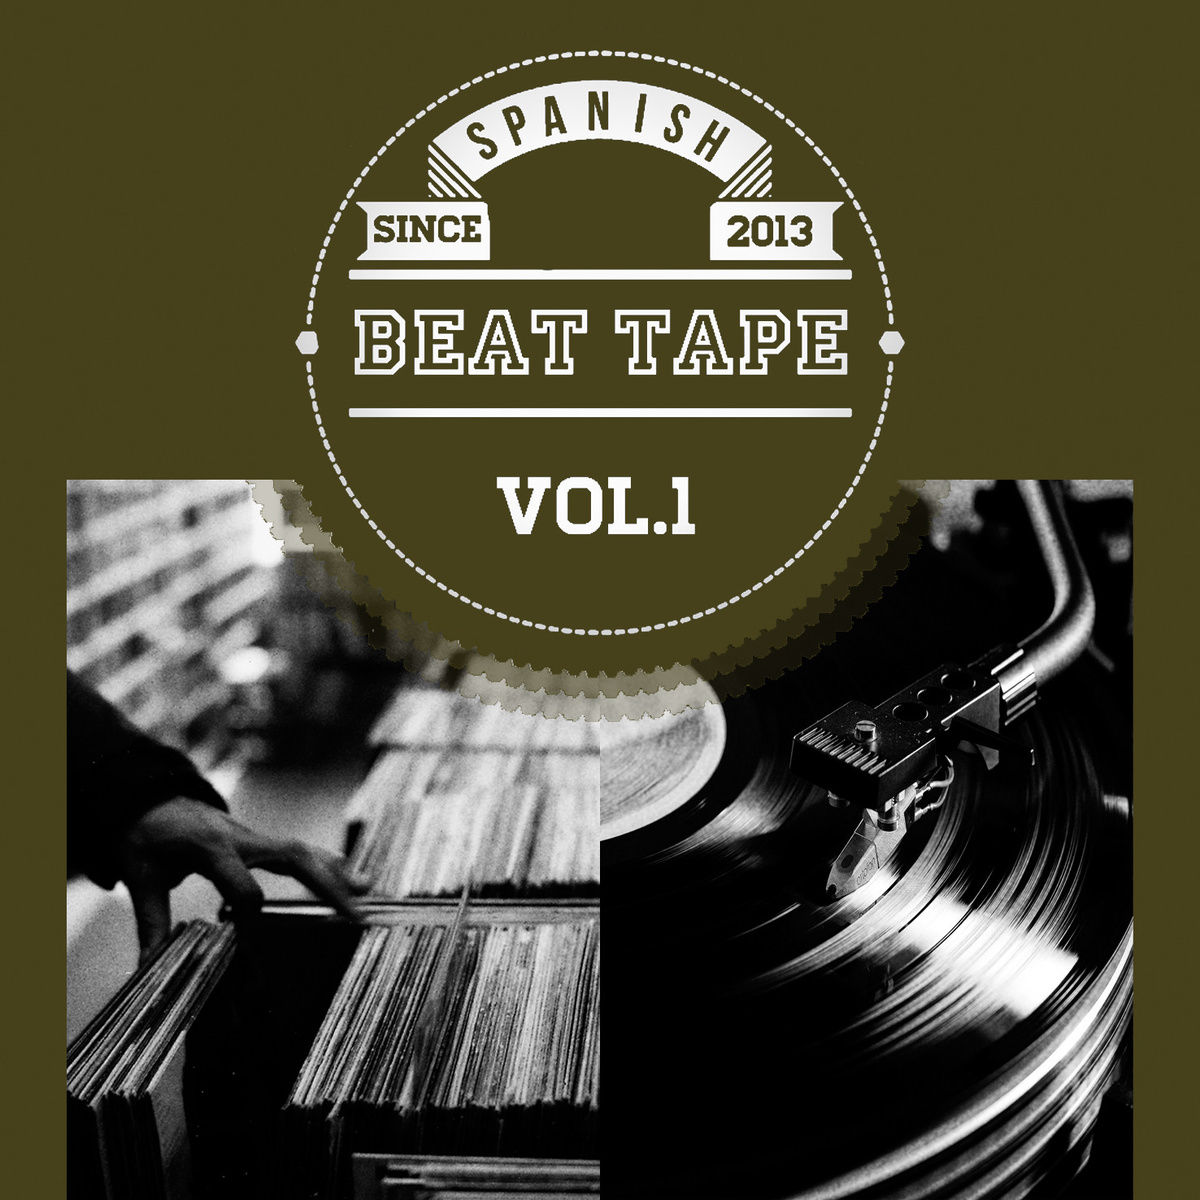 Spanish_beattape_vol.1